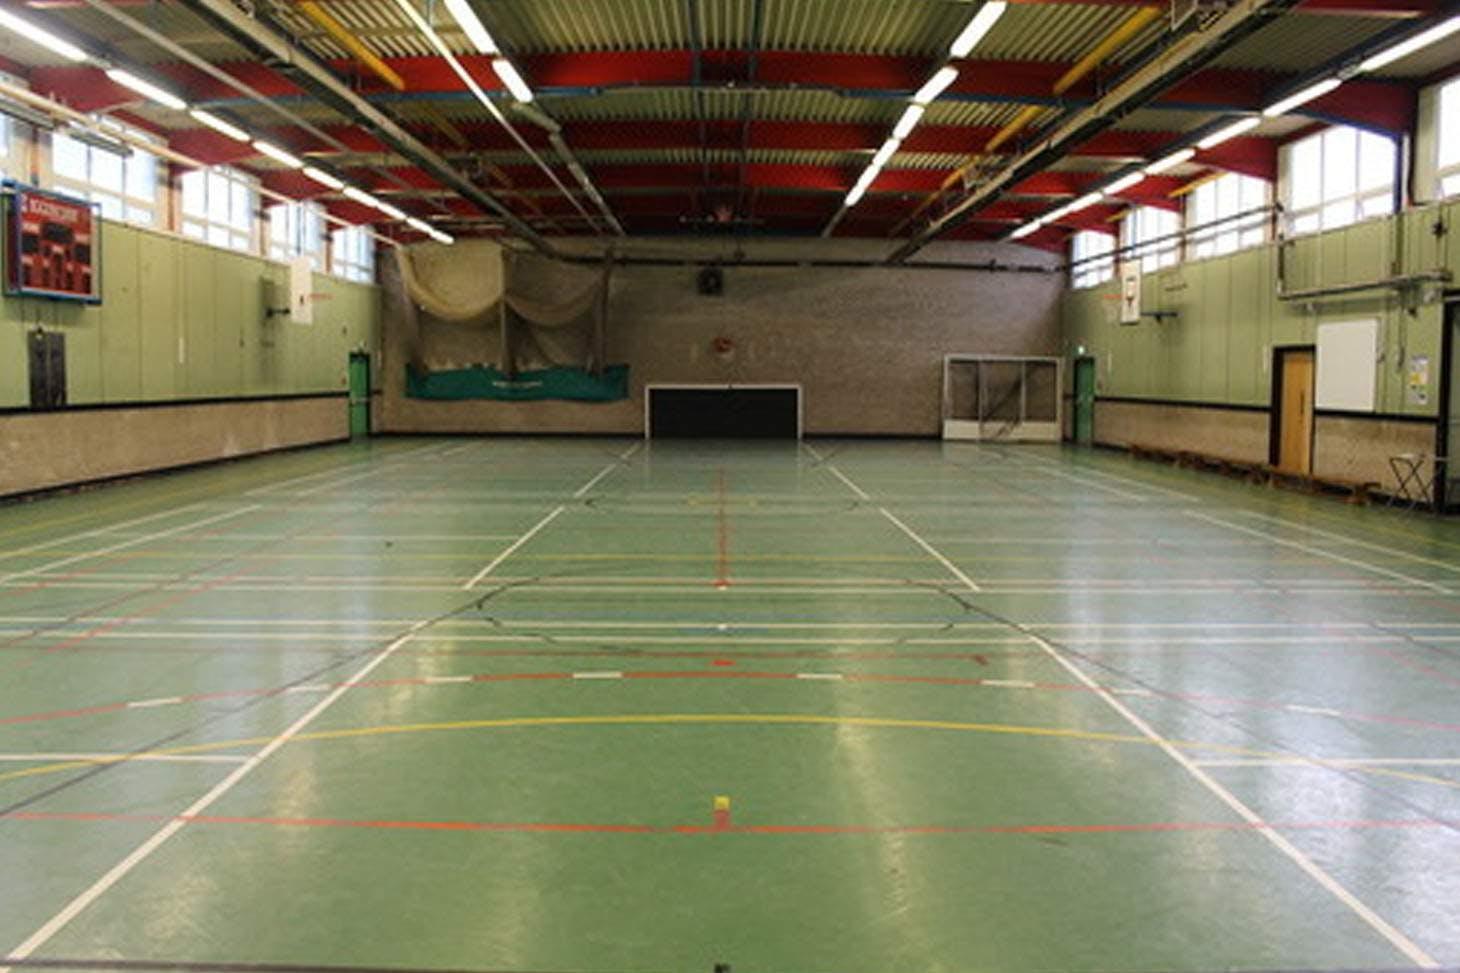 Egglescliffe School Indoor badminton court